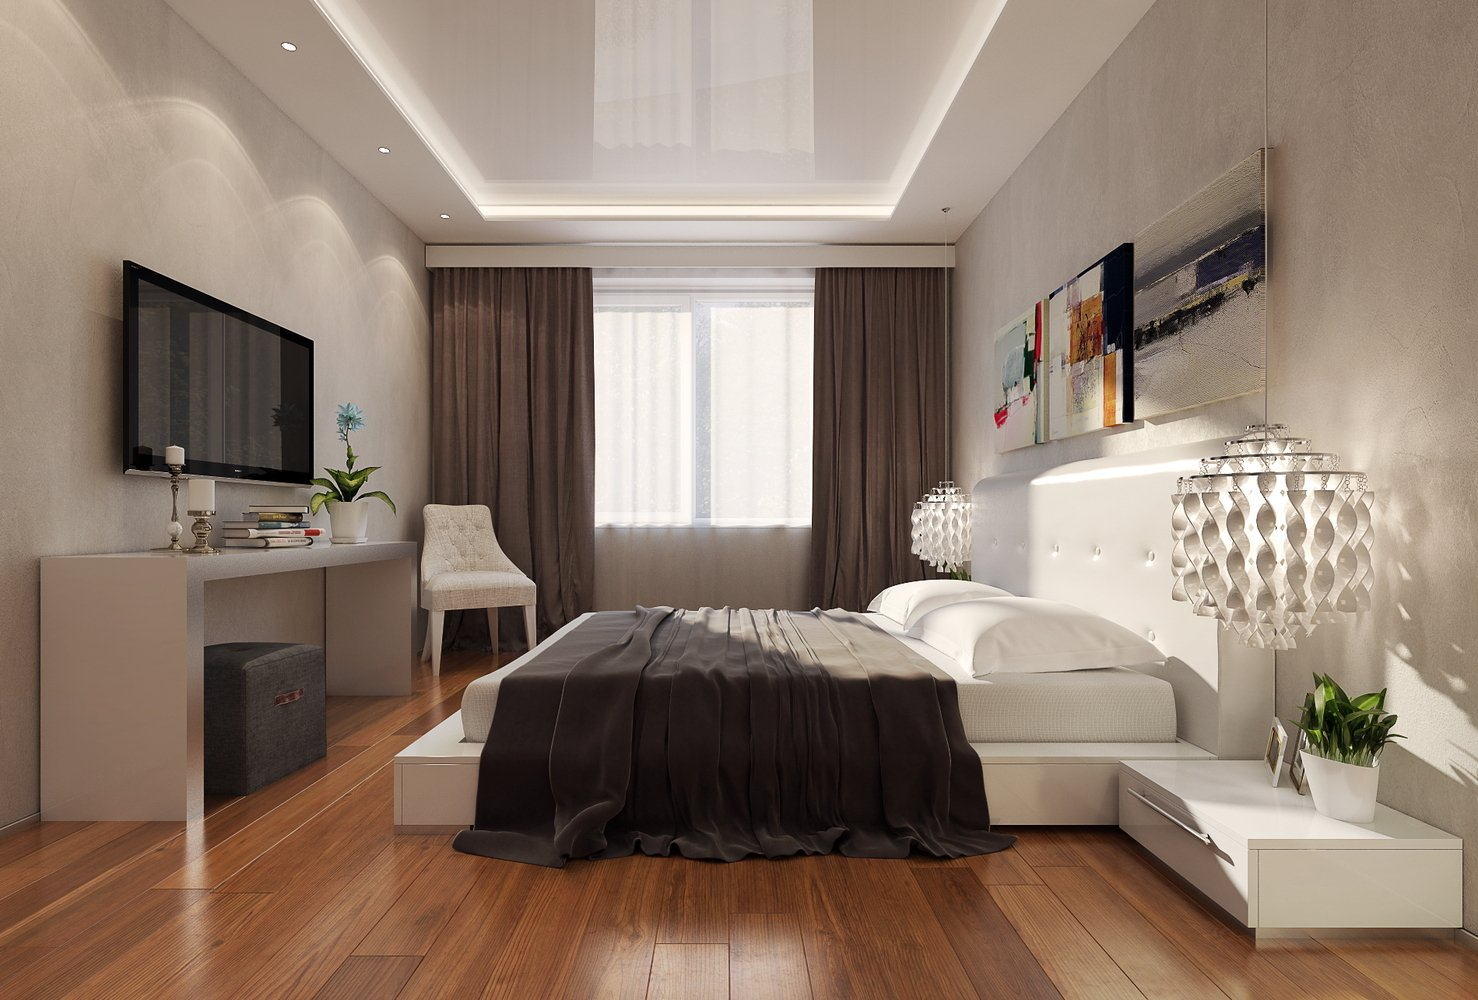 Потолок спальня фото дизайн